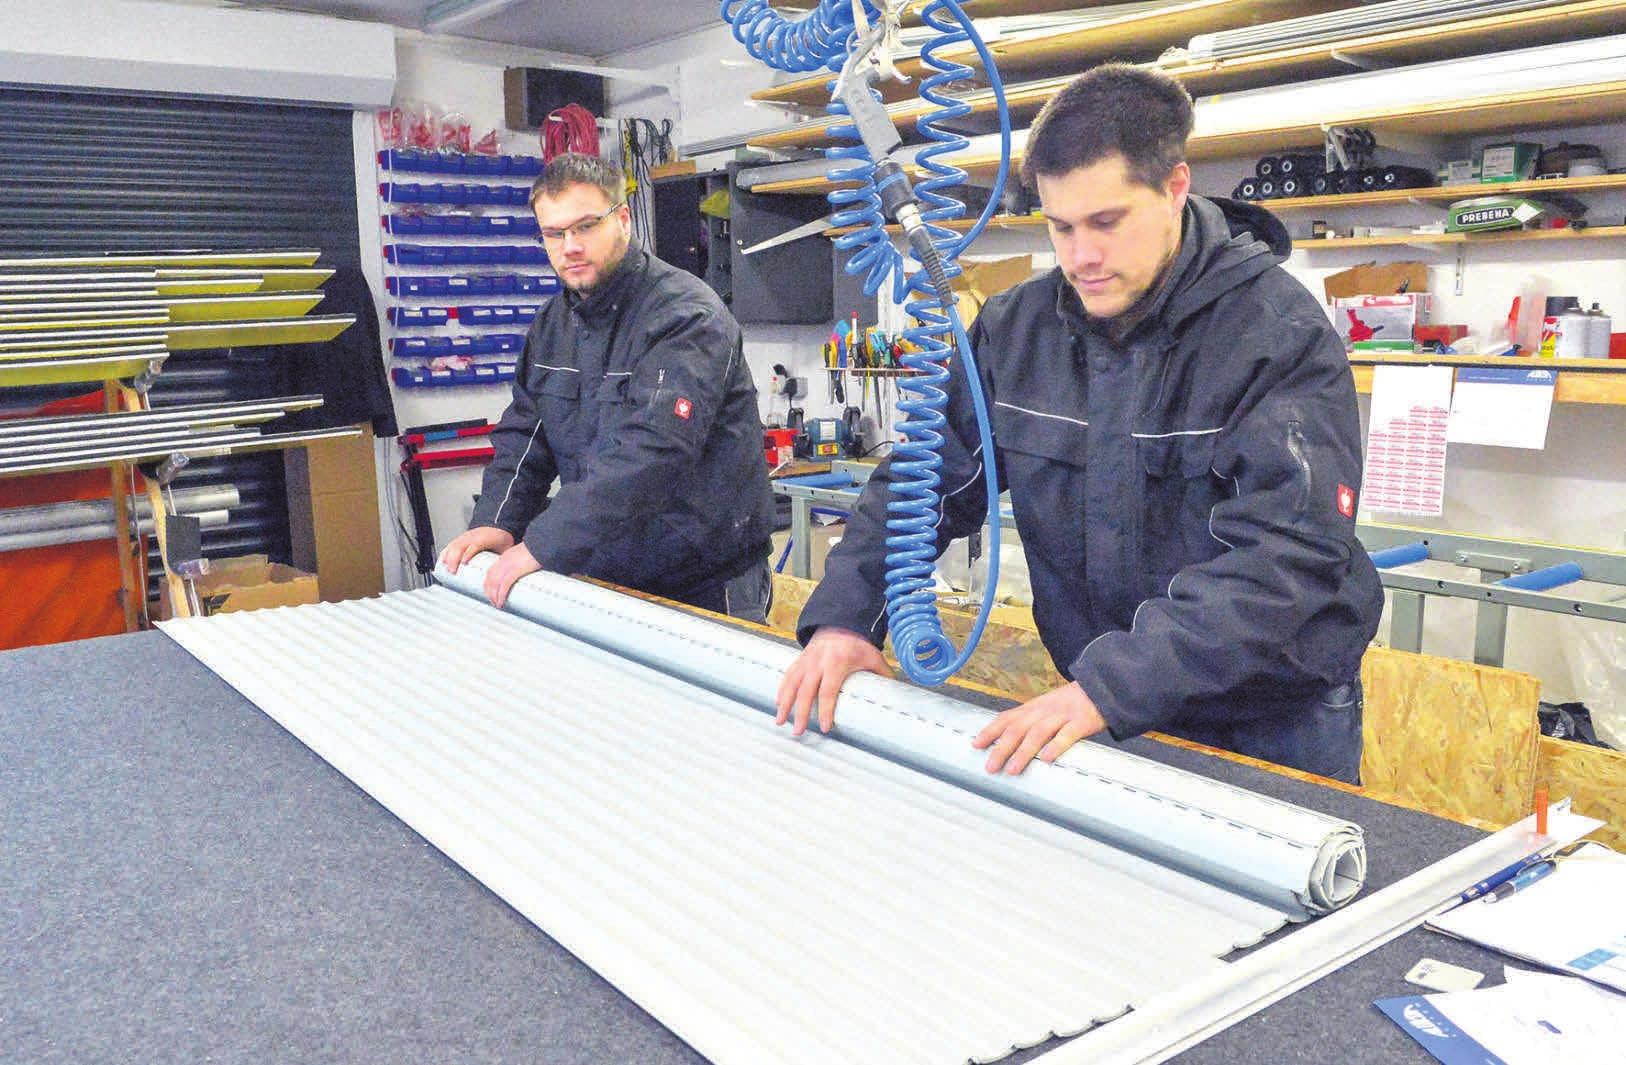 Der fertige Rollladen wird gerollt und ausgeliefert: Stefan Vorwald (rechts) und Raphael Aue. FOTO: MAH